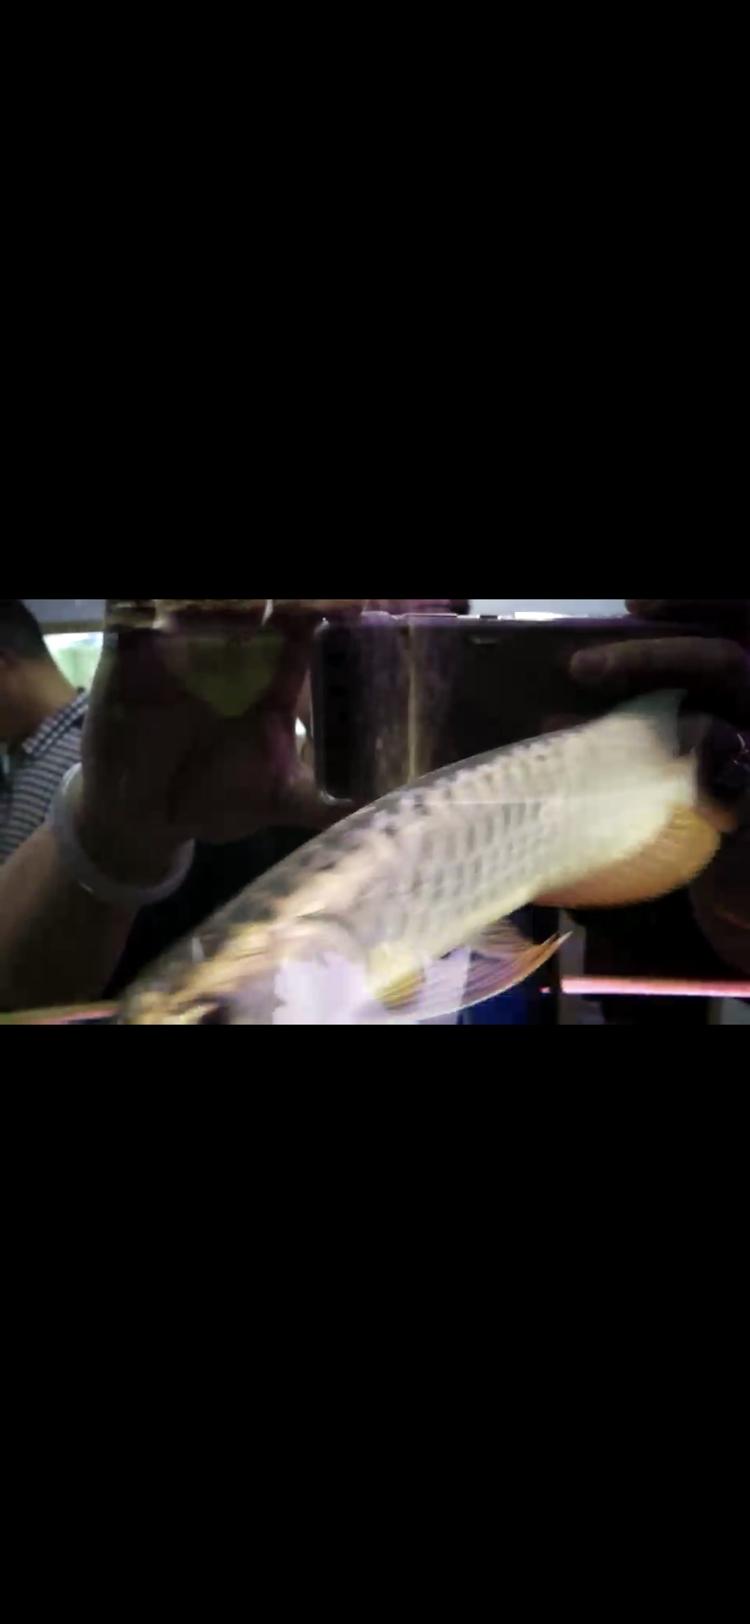 【西安豹纹夫】这只轻微掉眼的头全金龙鱼值不值 西安龙鱼论坛 西安博特第4张